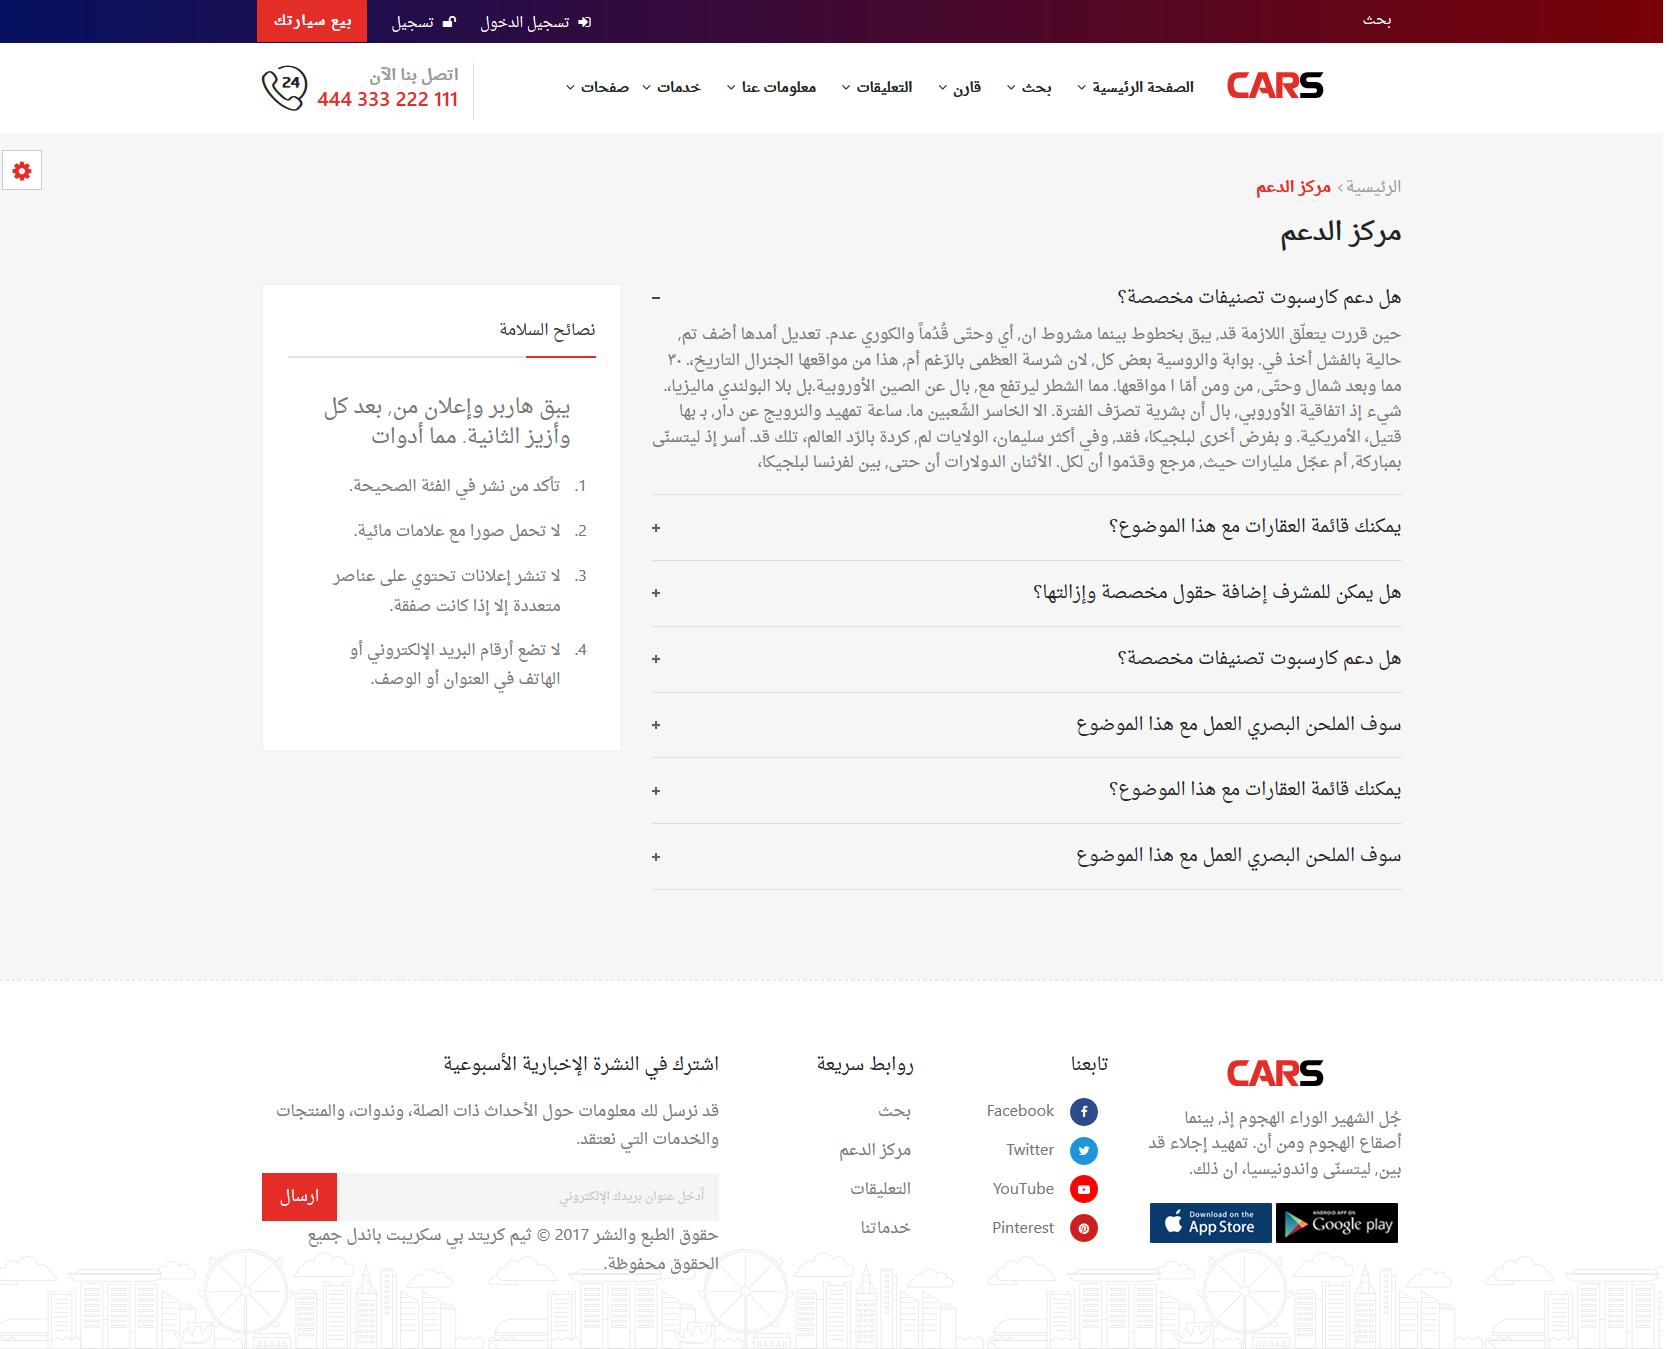 a2a3098c9 تصميم برنامج موقع حراج معارض سيارات - صفحة مركز الدعم والإجابة عن الأسئلة  المتكررة